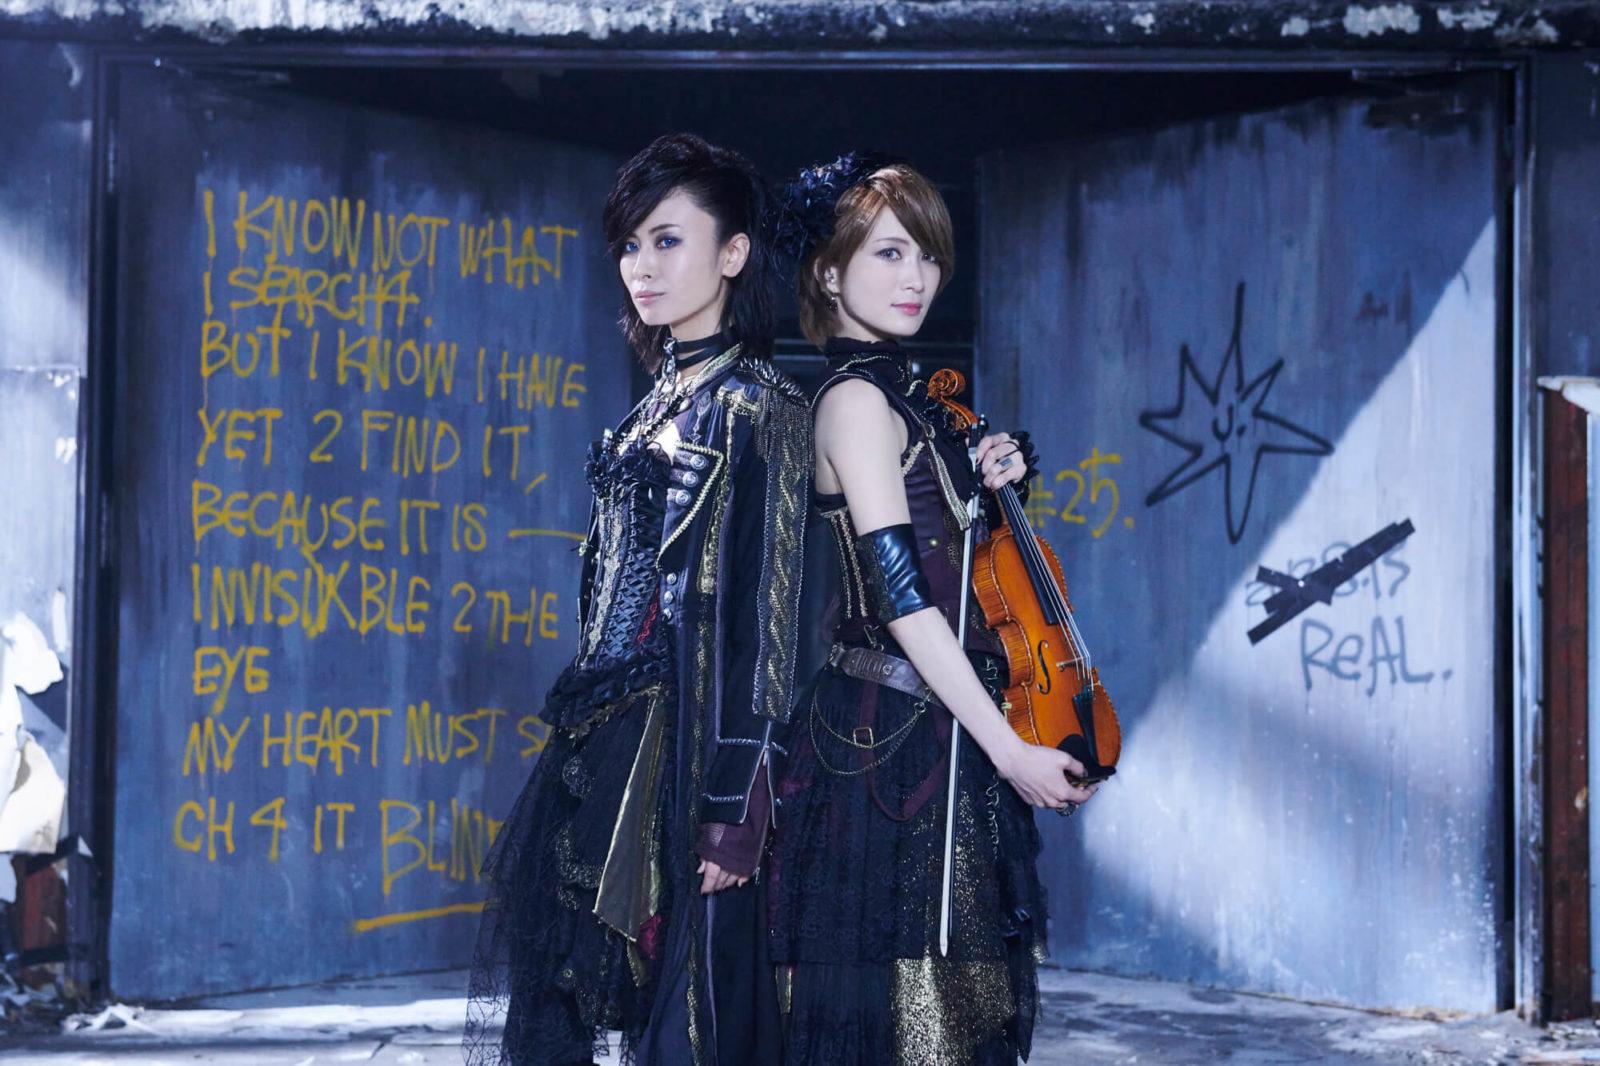 イケメン男装モデルAKIRAとロックバイオリニストAyasaのスペシャルユニット・+Aに聞く「沢山ライブがしたいです」画像65143